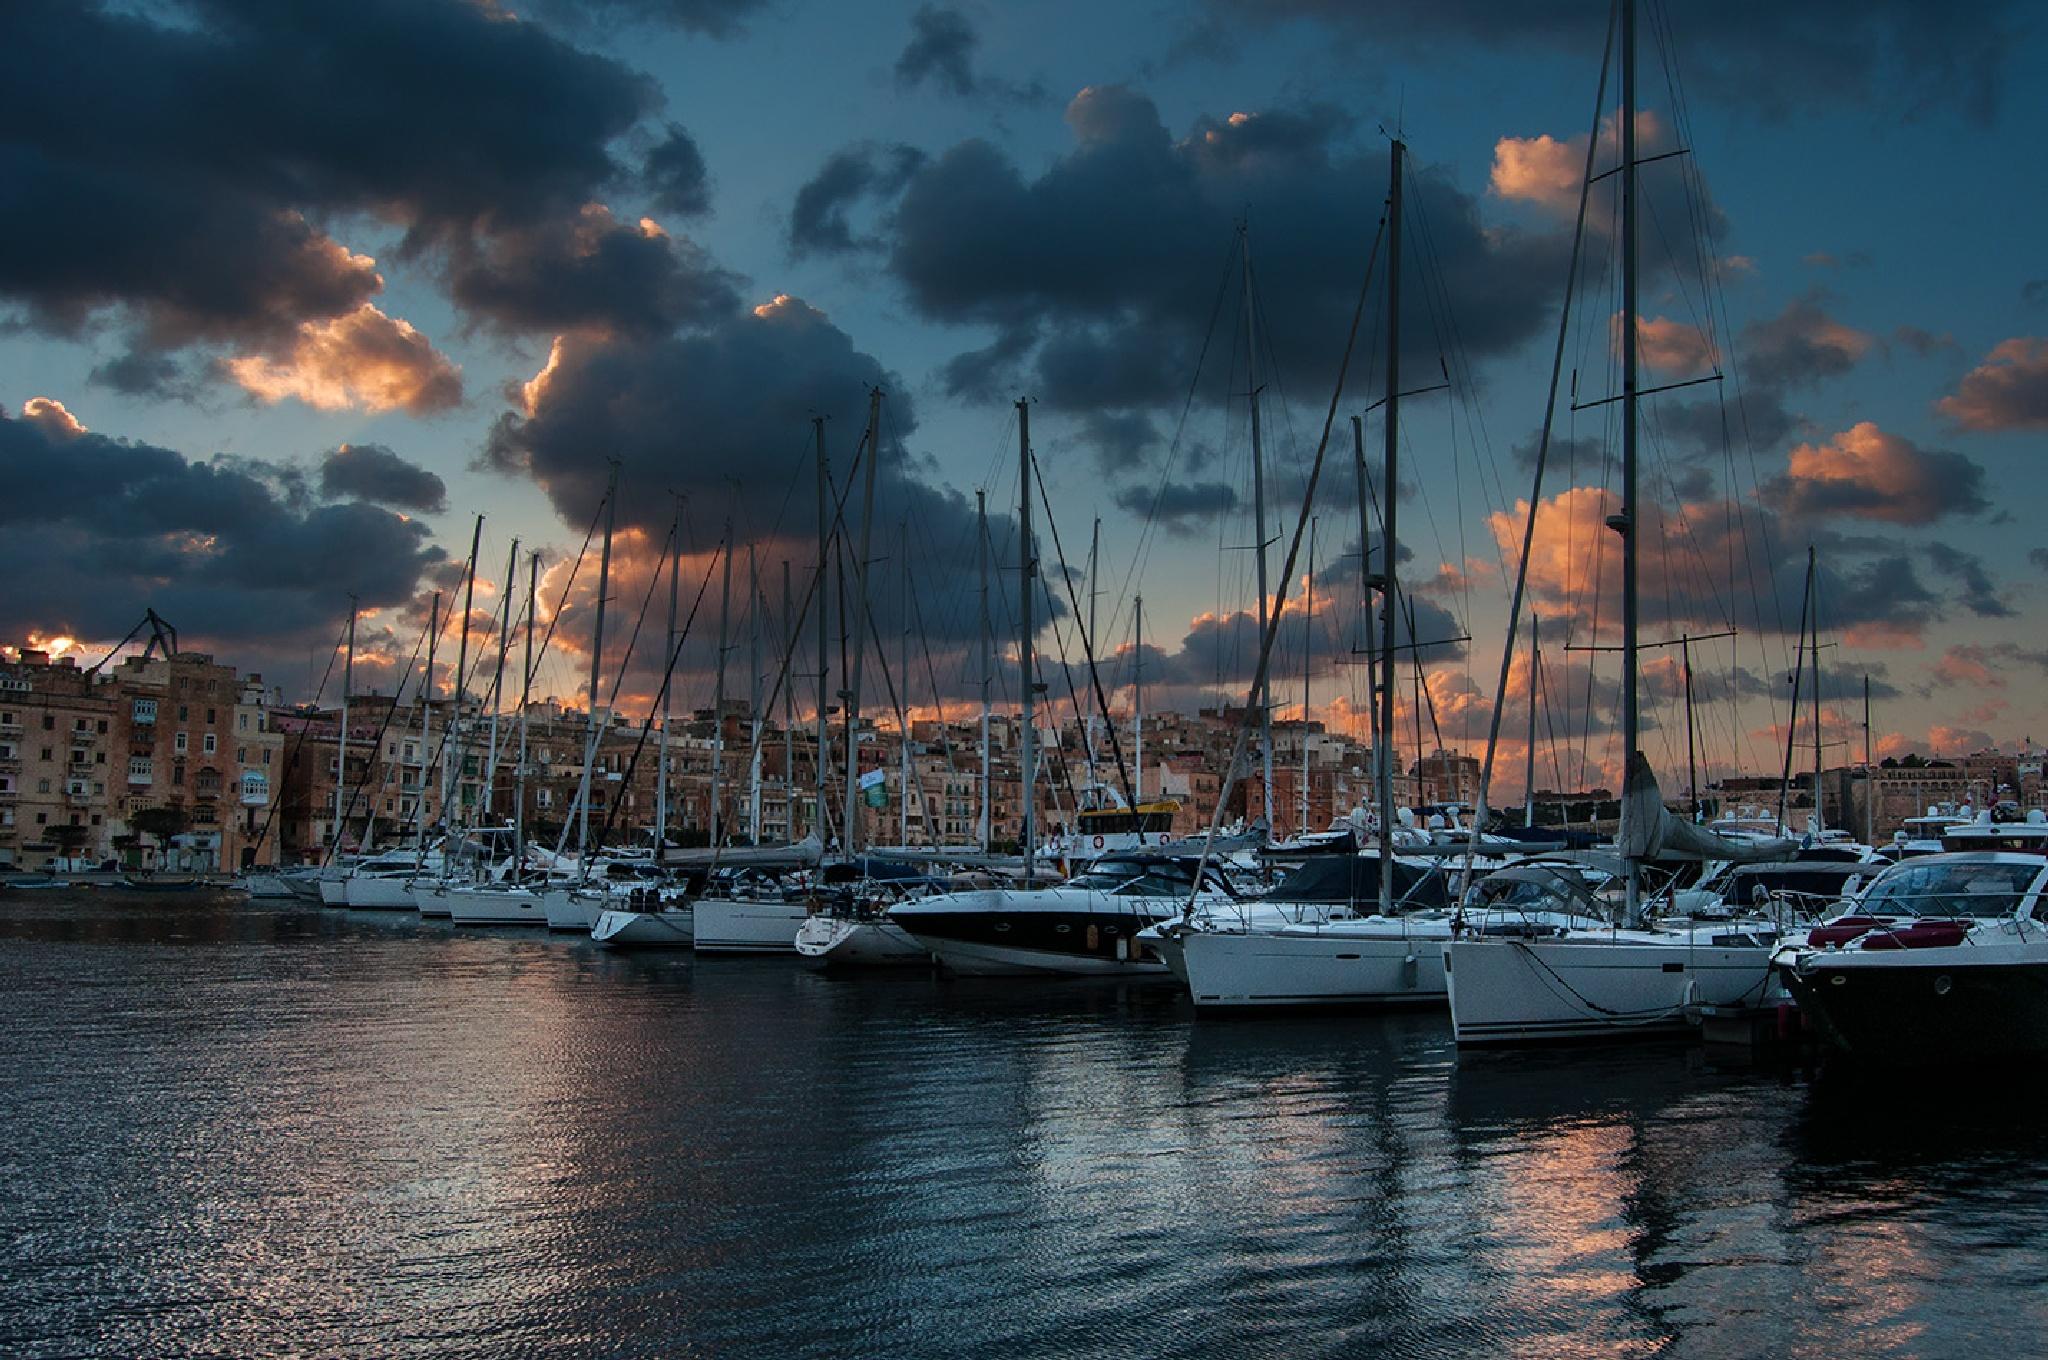 sunset on the marina by Joe Caruana